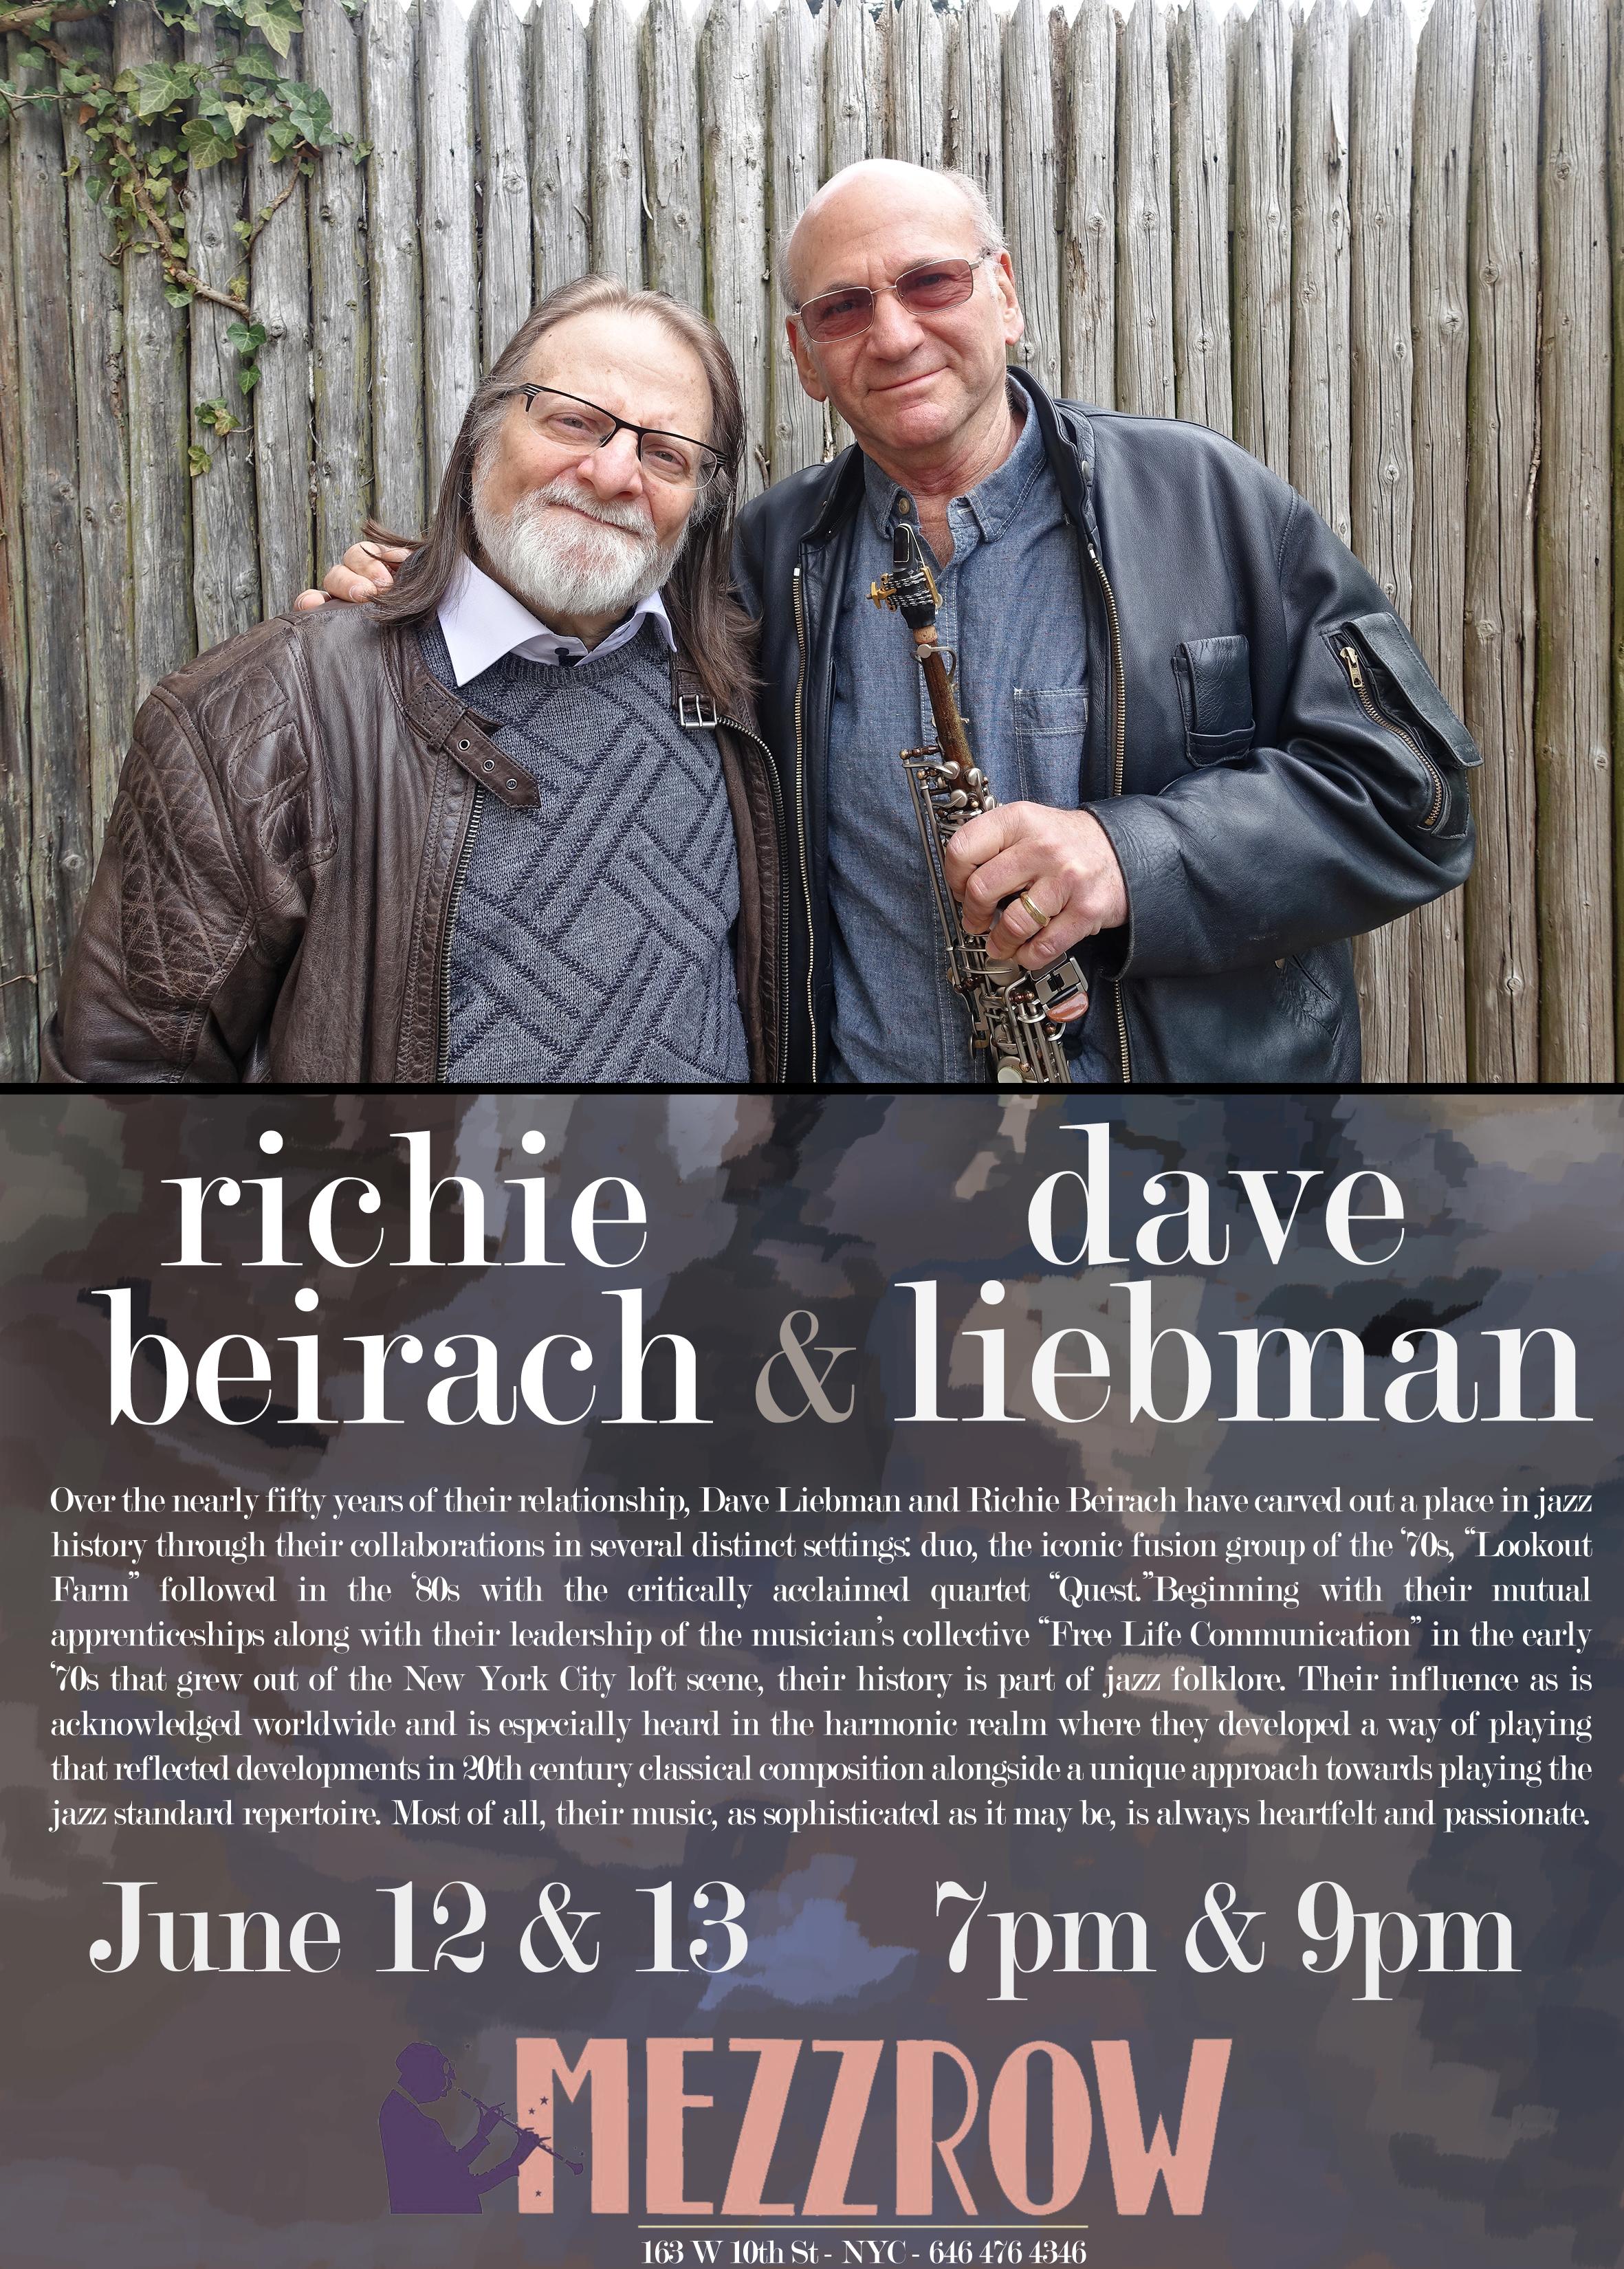 Dave Liebman & Richie Beirach, Mezzrow, NYC, 6/12/15-6/13/15